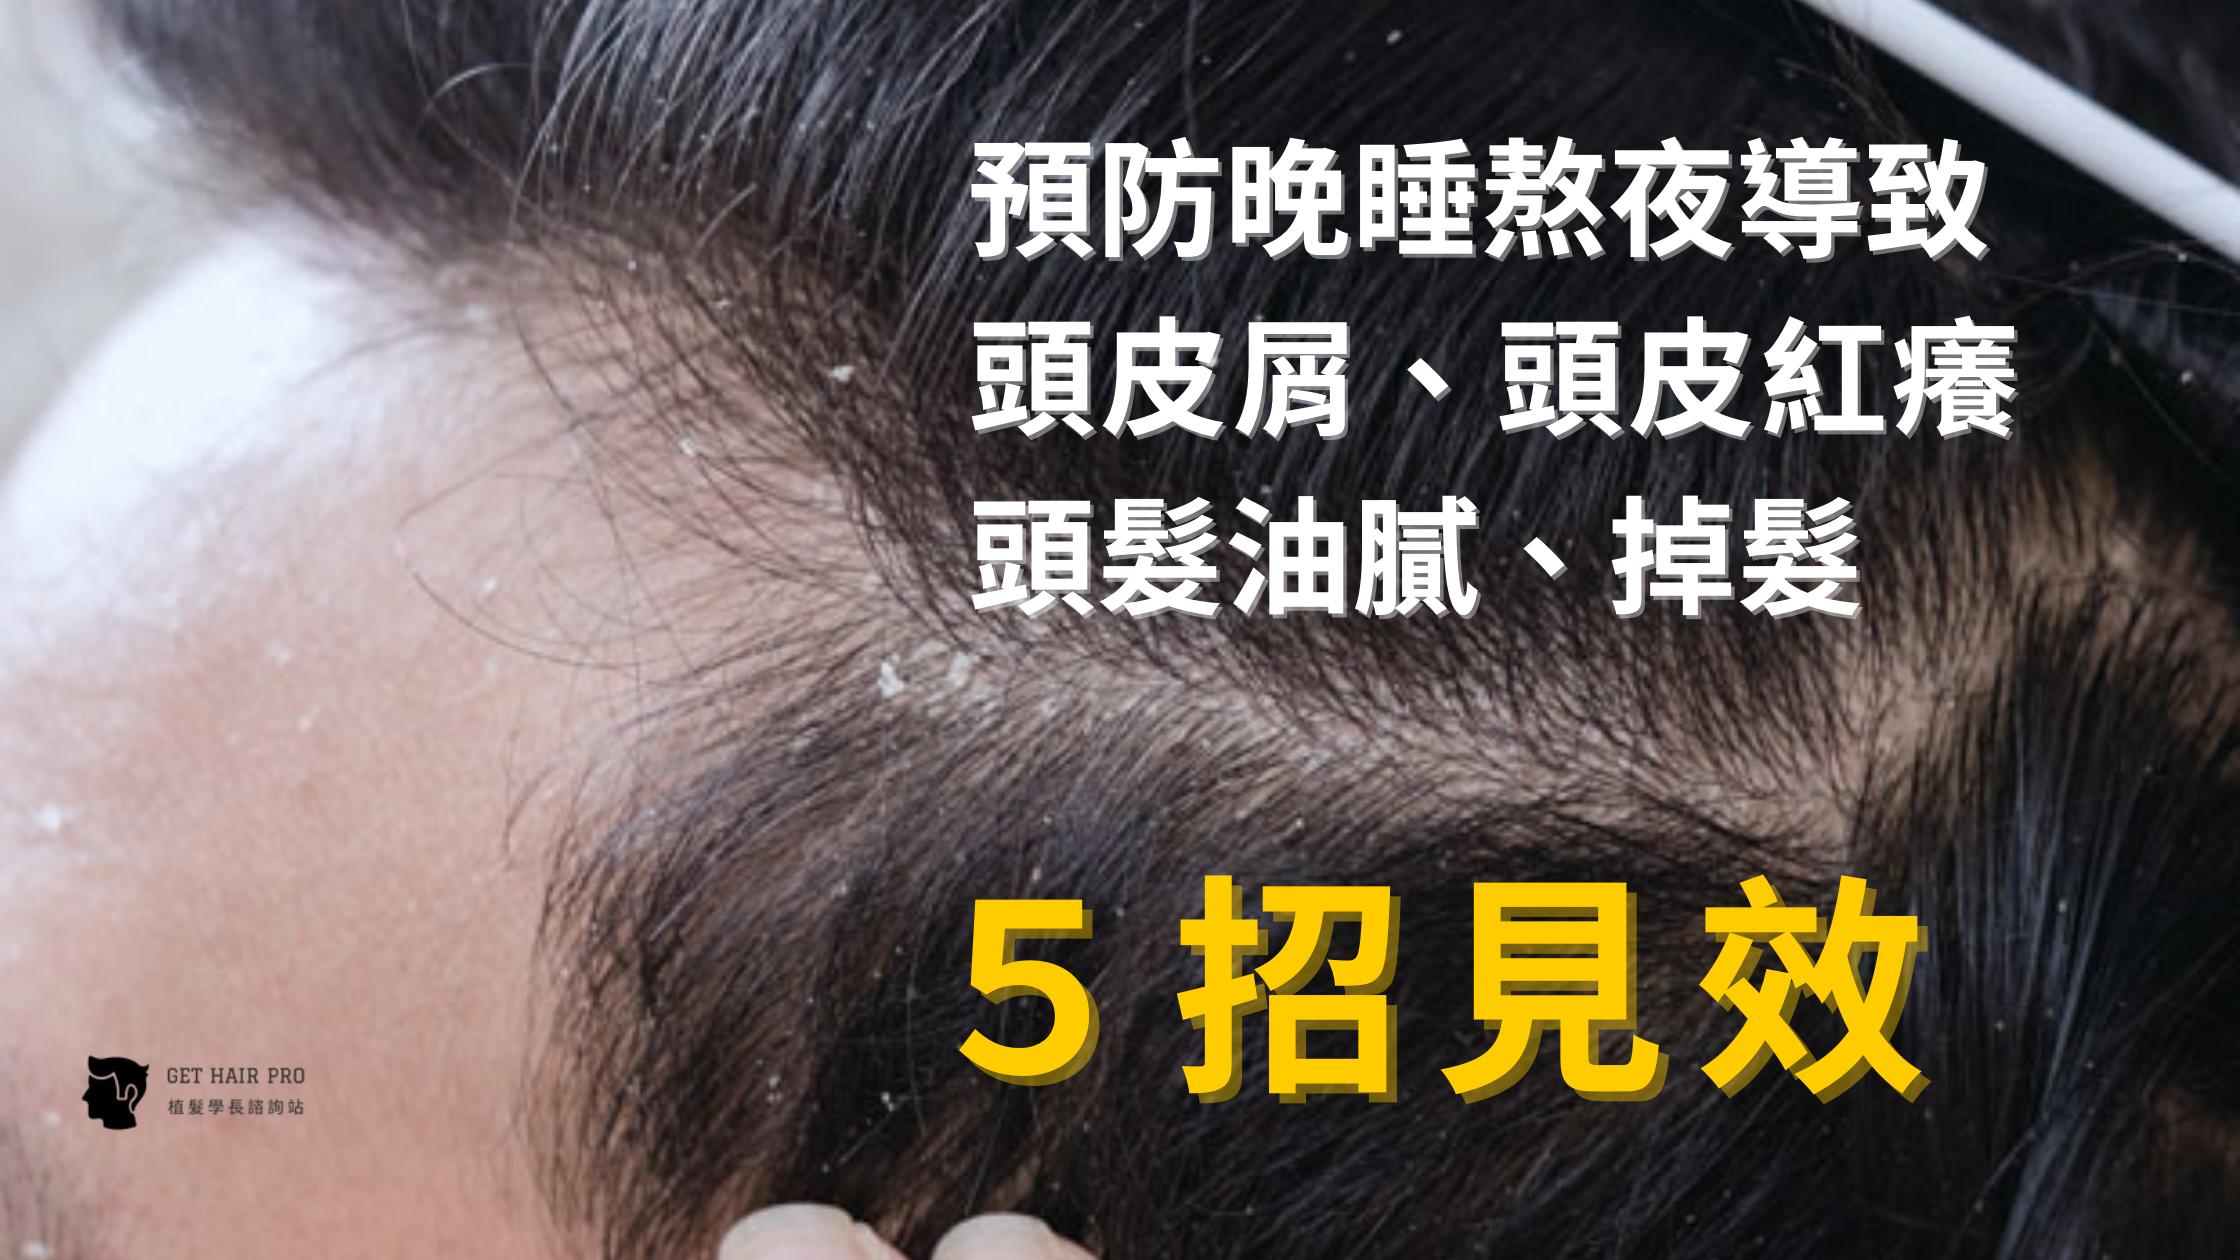 預防晚睡熬夜導致 頭皮屑、頭皮紅癢頭髮油膩、掉髮,5招見效